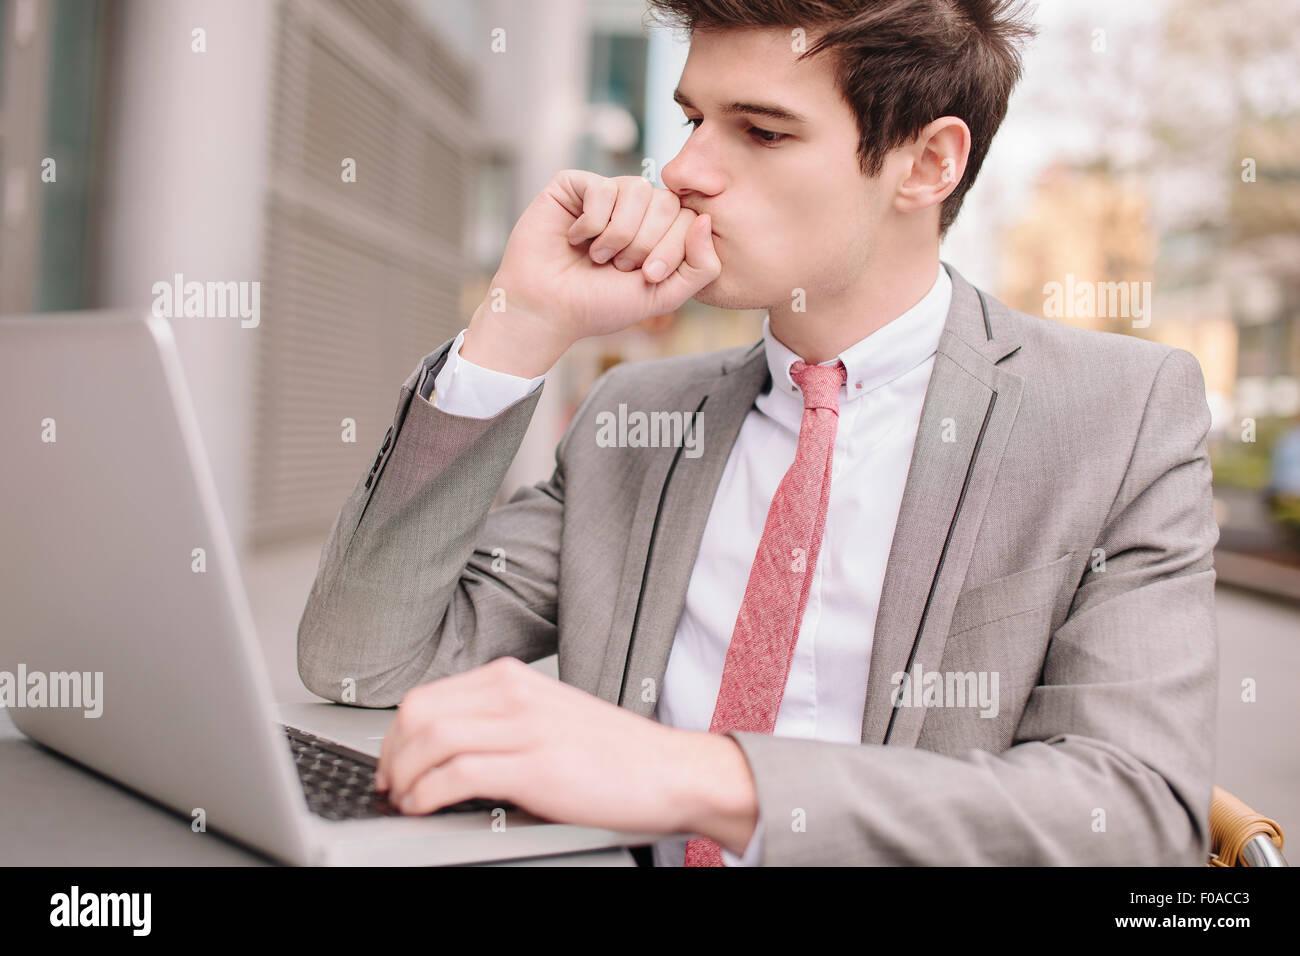 Besorgt junge Stadt Geschäftsmann mit Laptop im Straßencafé Stockbild